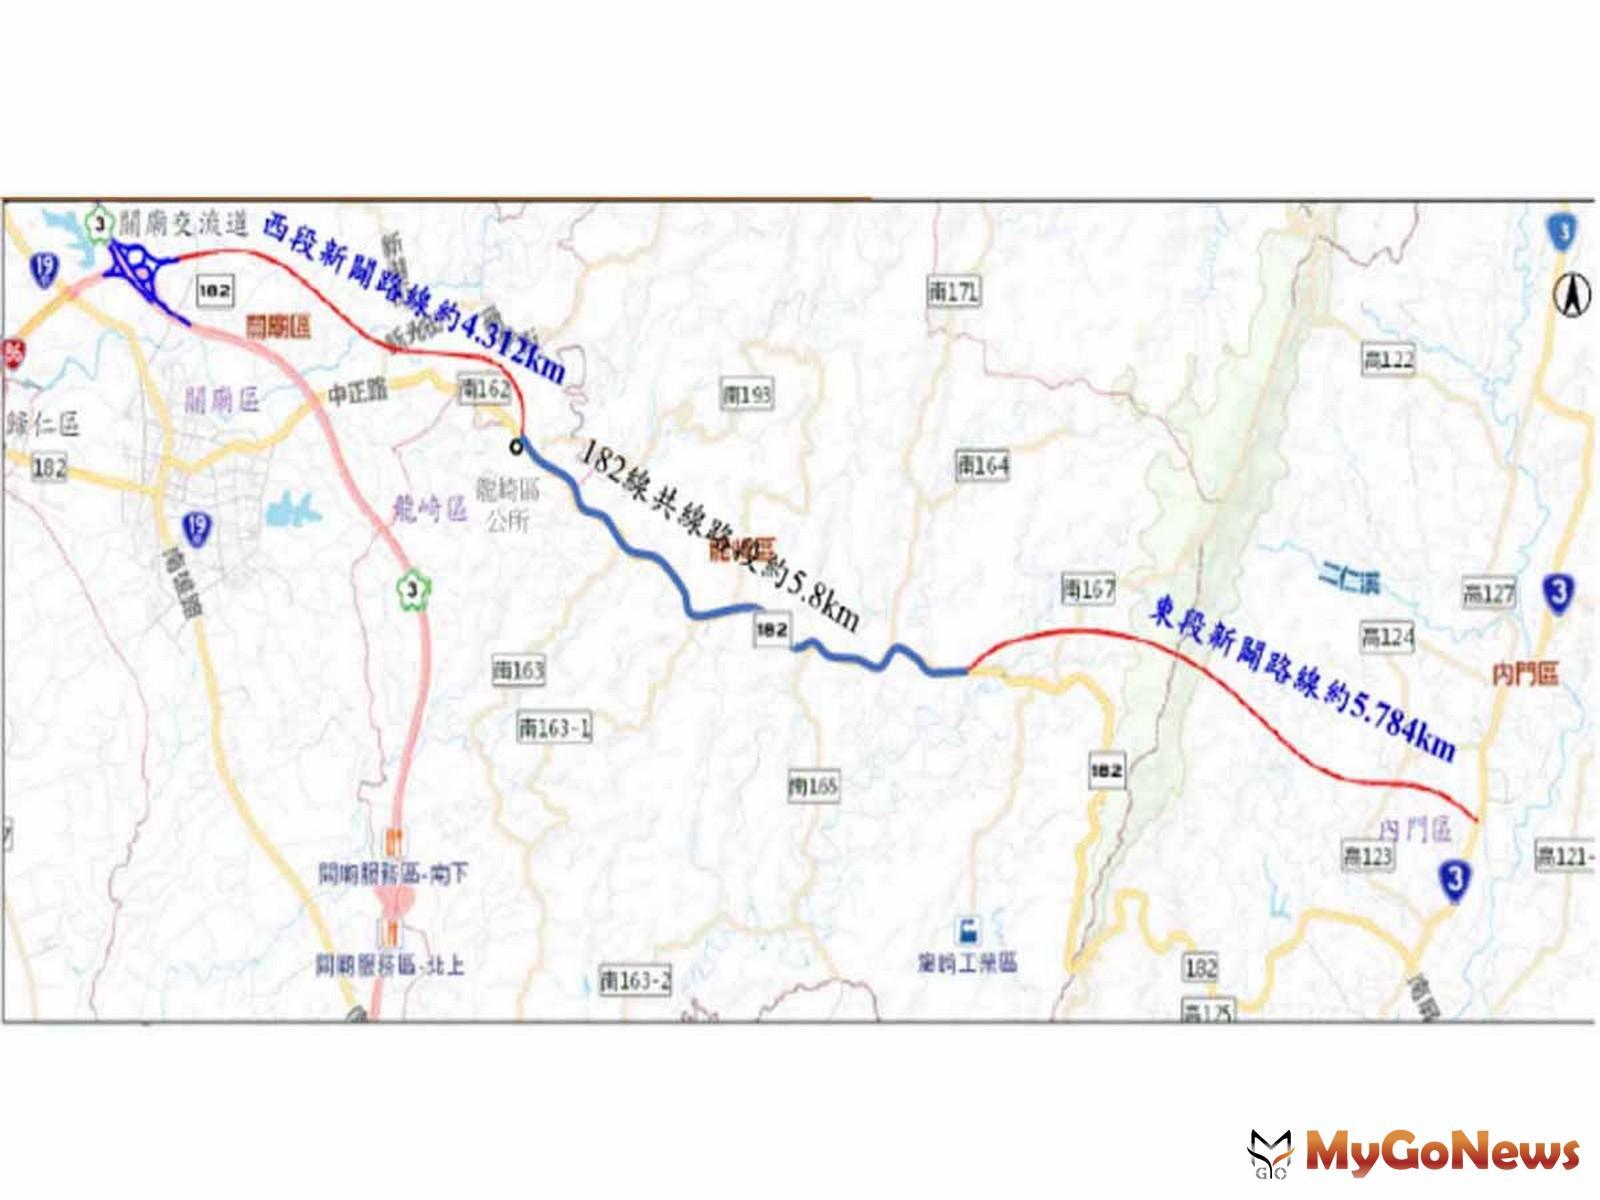 台南市重大交通工程再添一樁-台86線向東延伸至台3線道路新闢案正式核定(圖/台南市政府) MyGoNews房地產新聞 區域情報